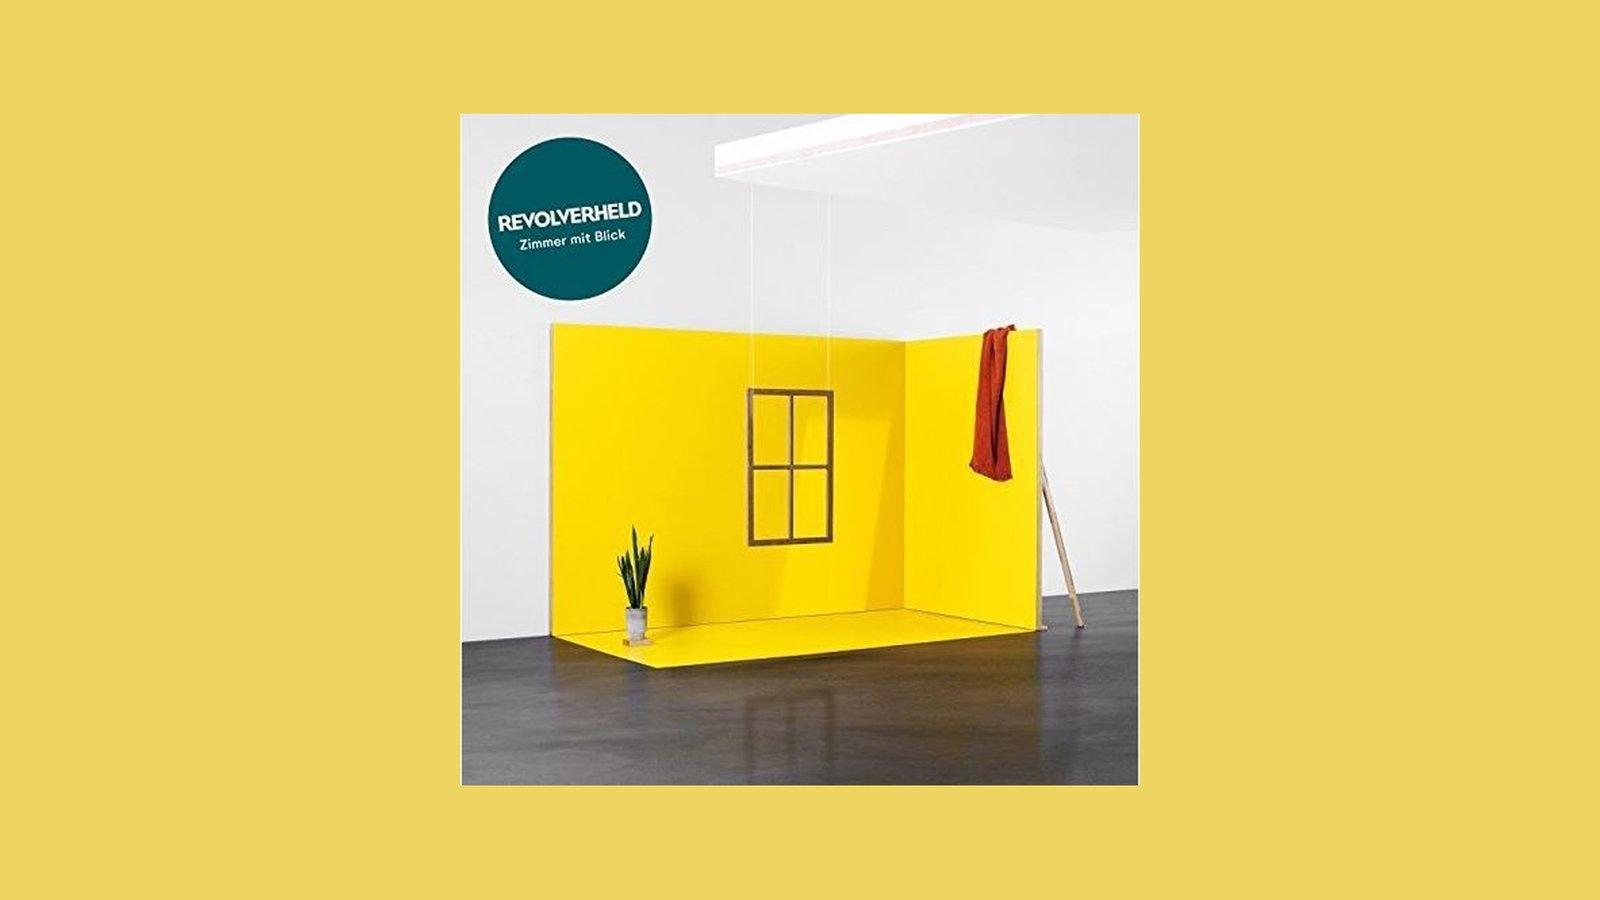 audio neues album von revolverheld zimmer mit blick